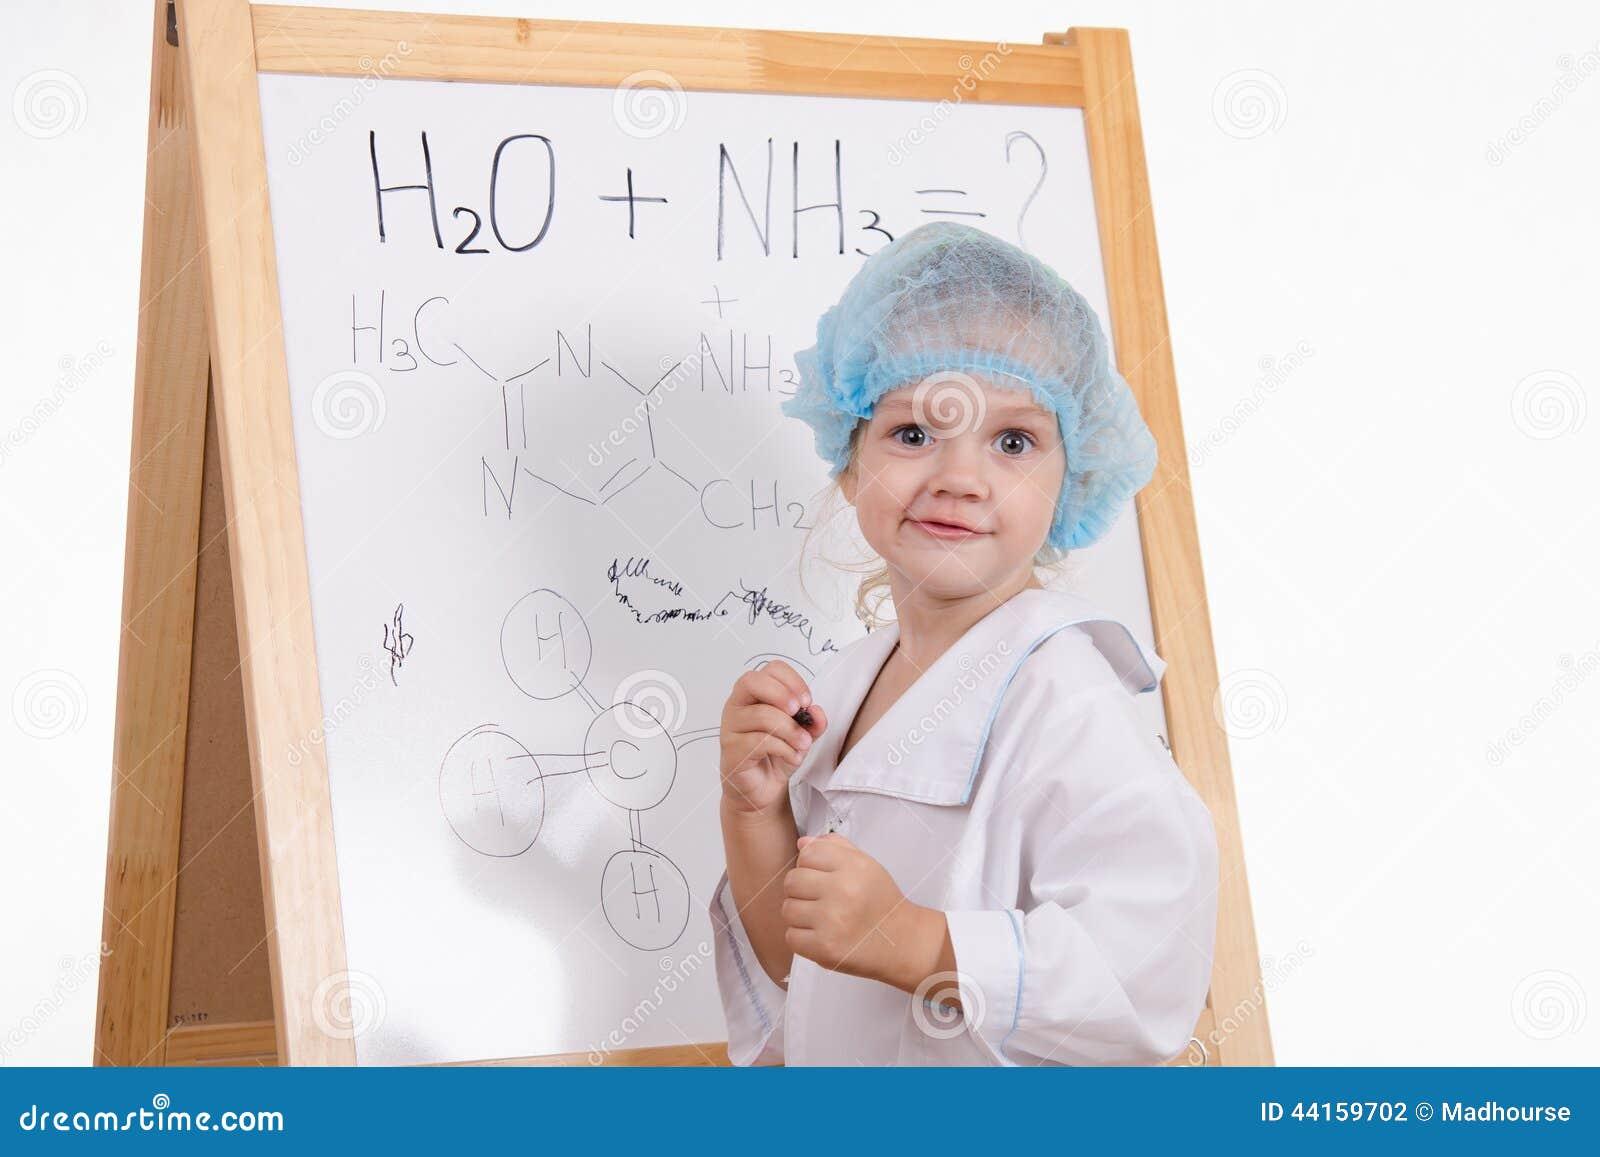 Chemiker schreibt Formeln auf eine Tafel